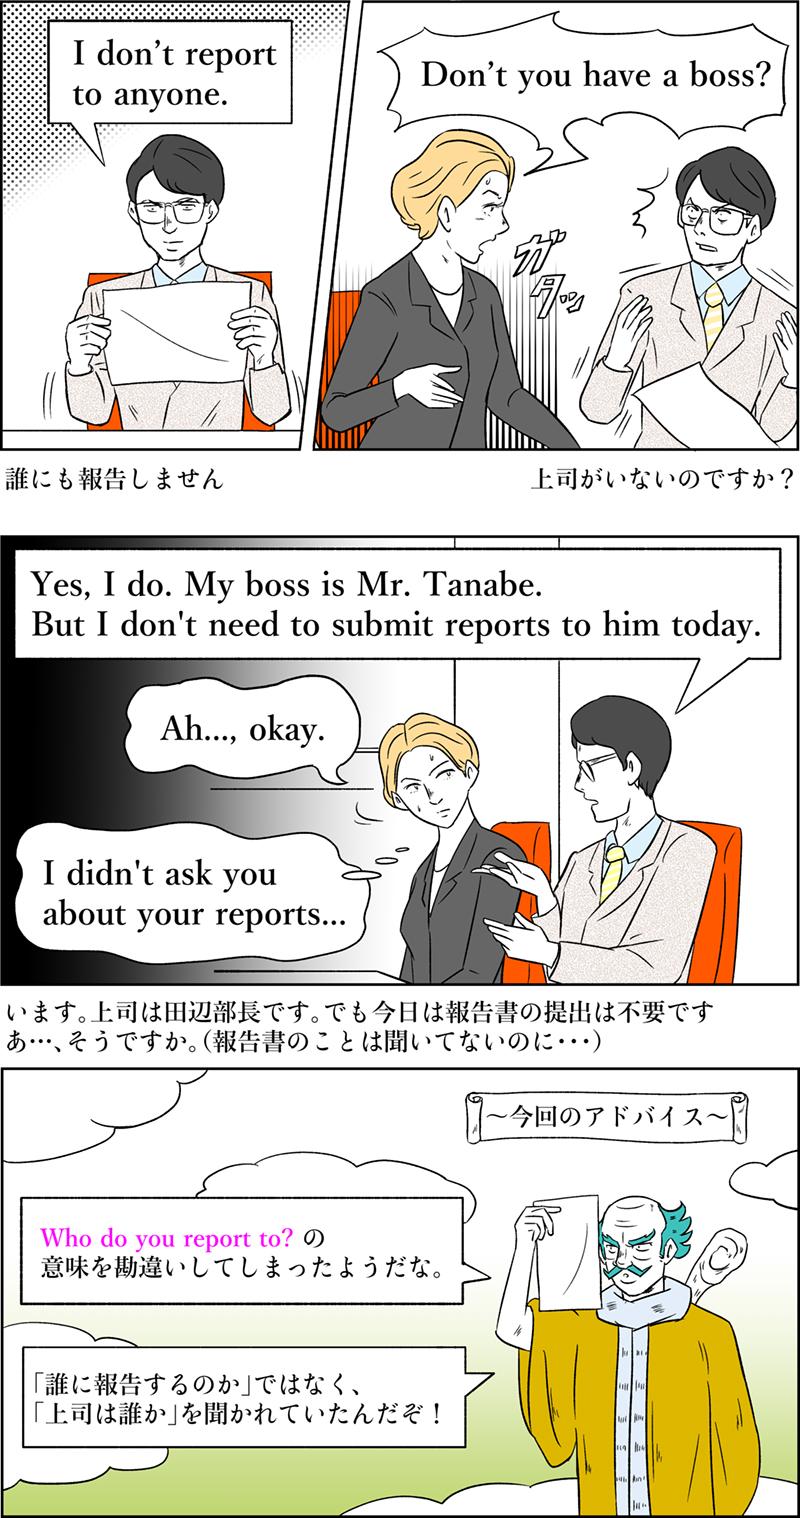 ほんじん 私 は 英語 に です